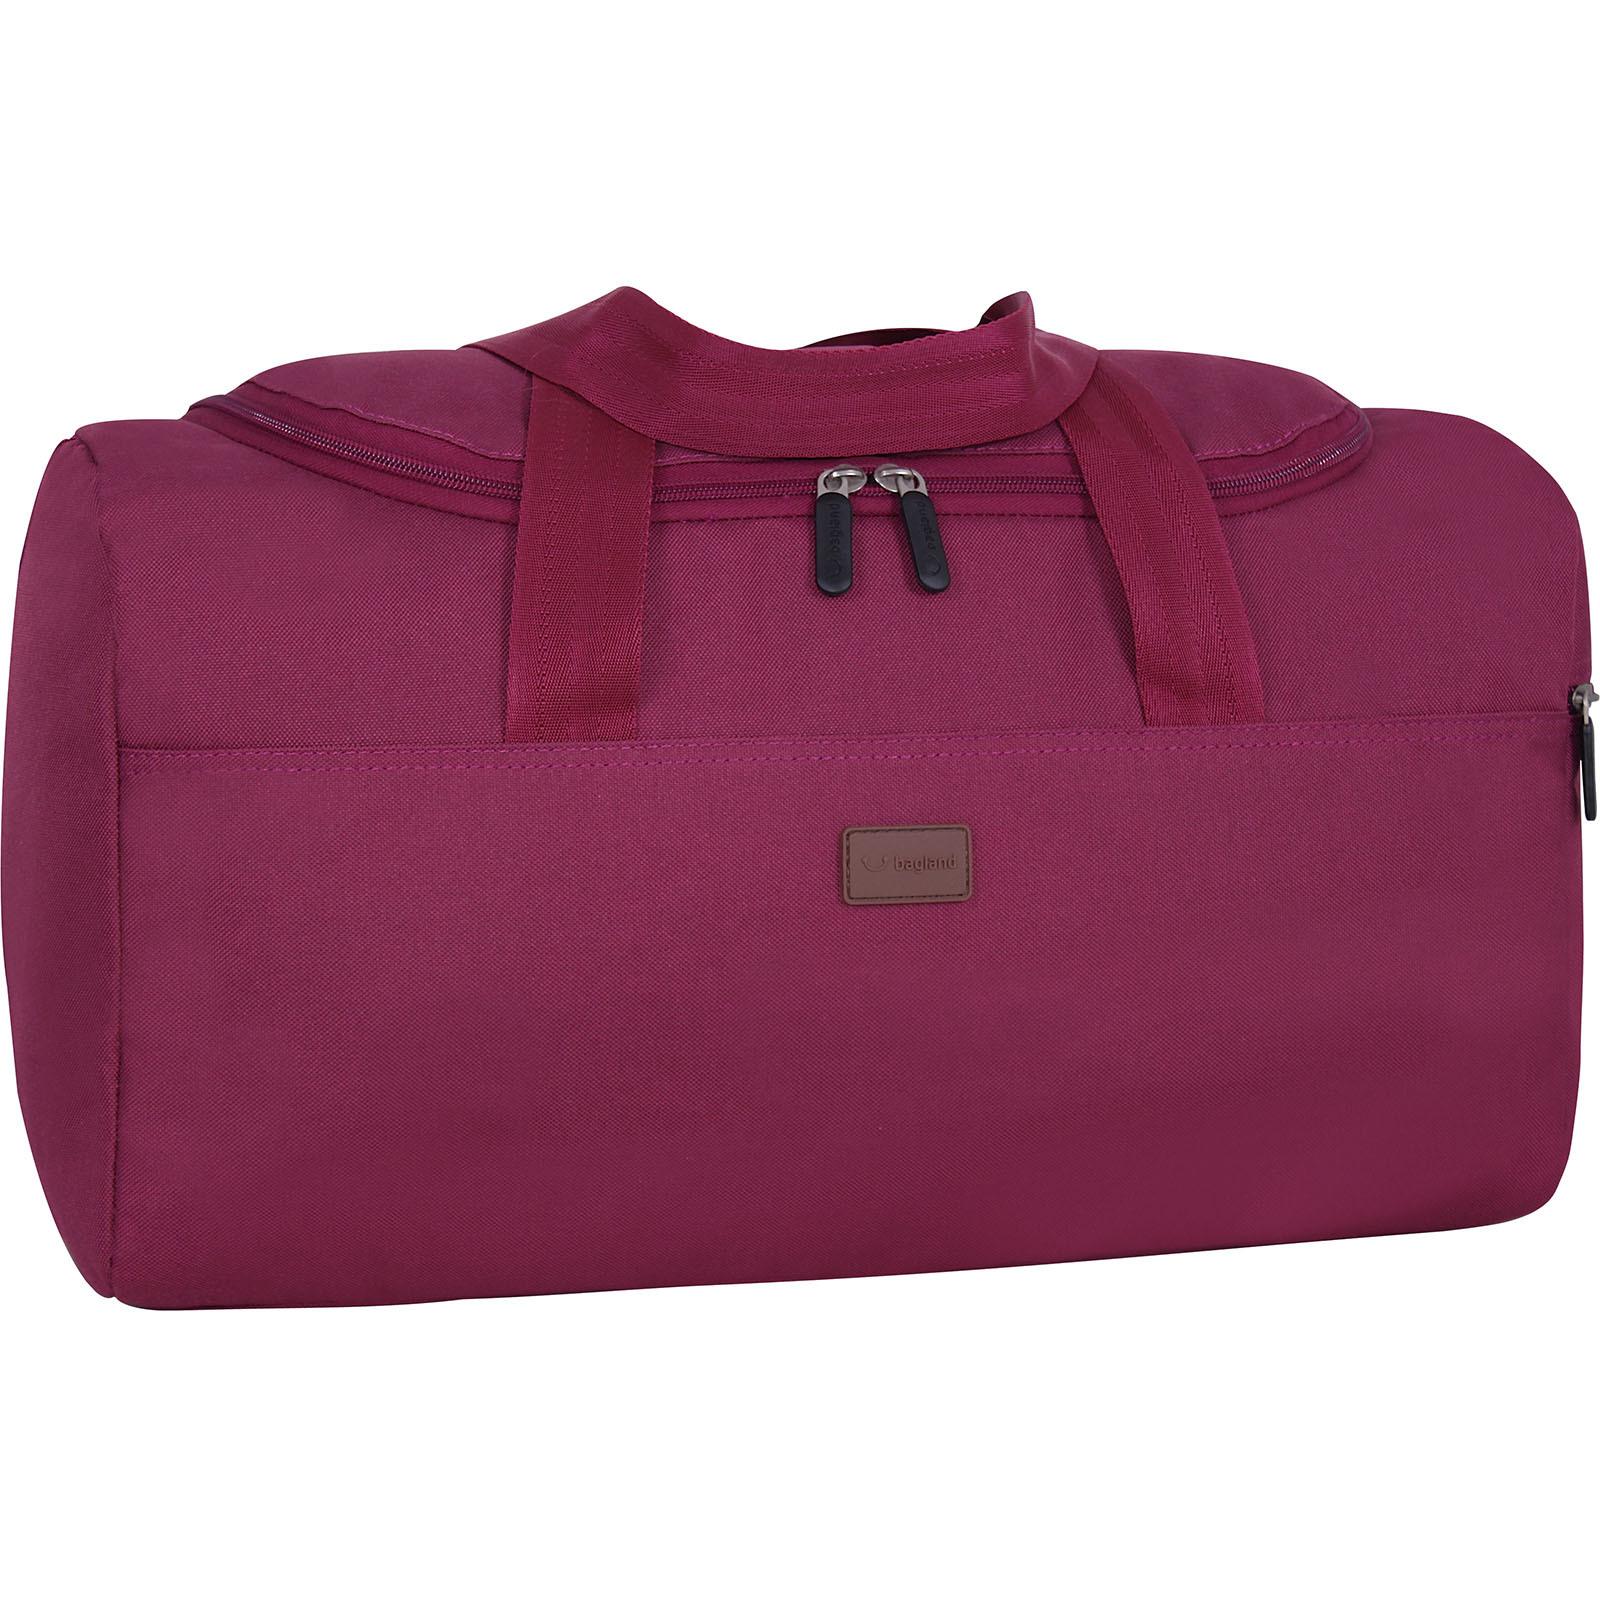 Дорожные сумки Сумка Bagland Boston 25 л. Вишня (0037466) IMG_7098.JPG